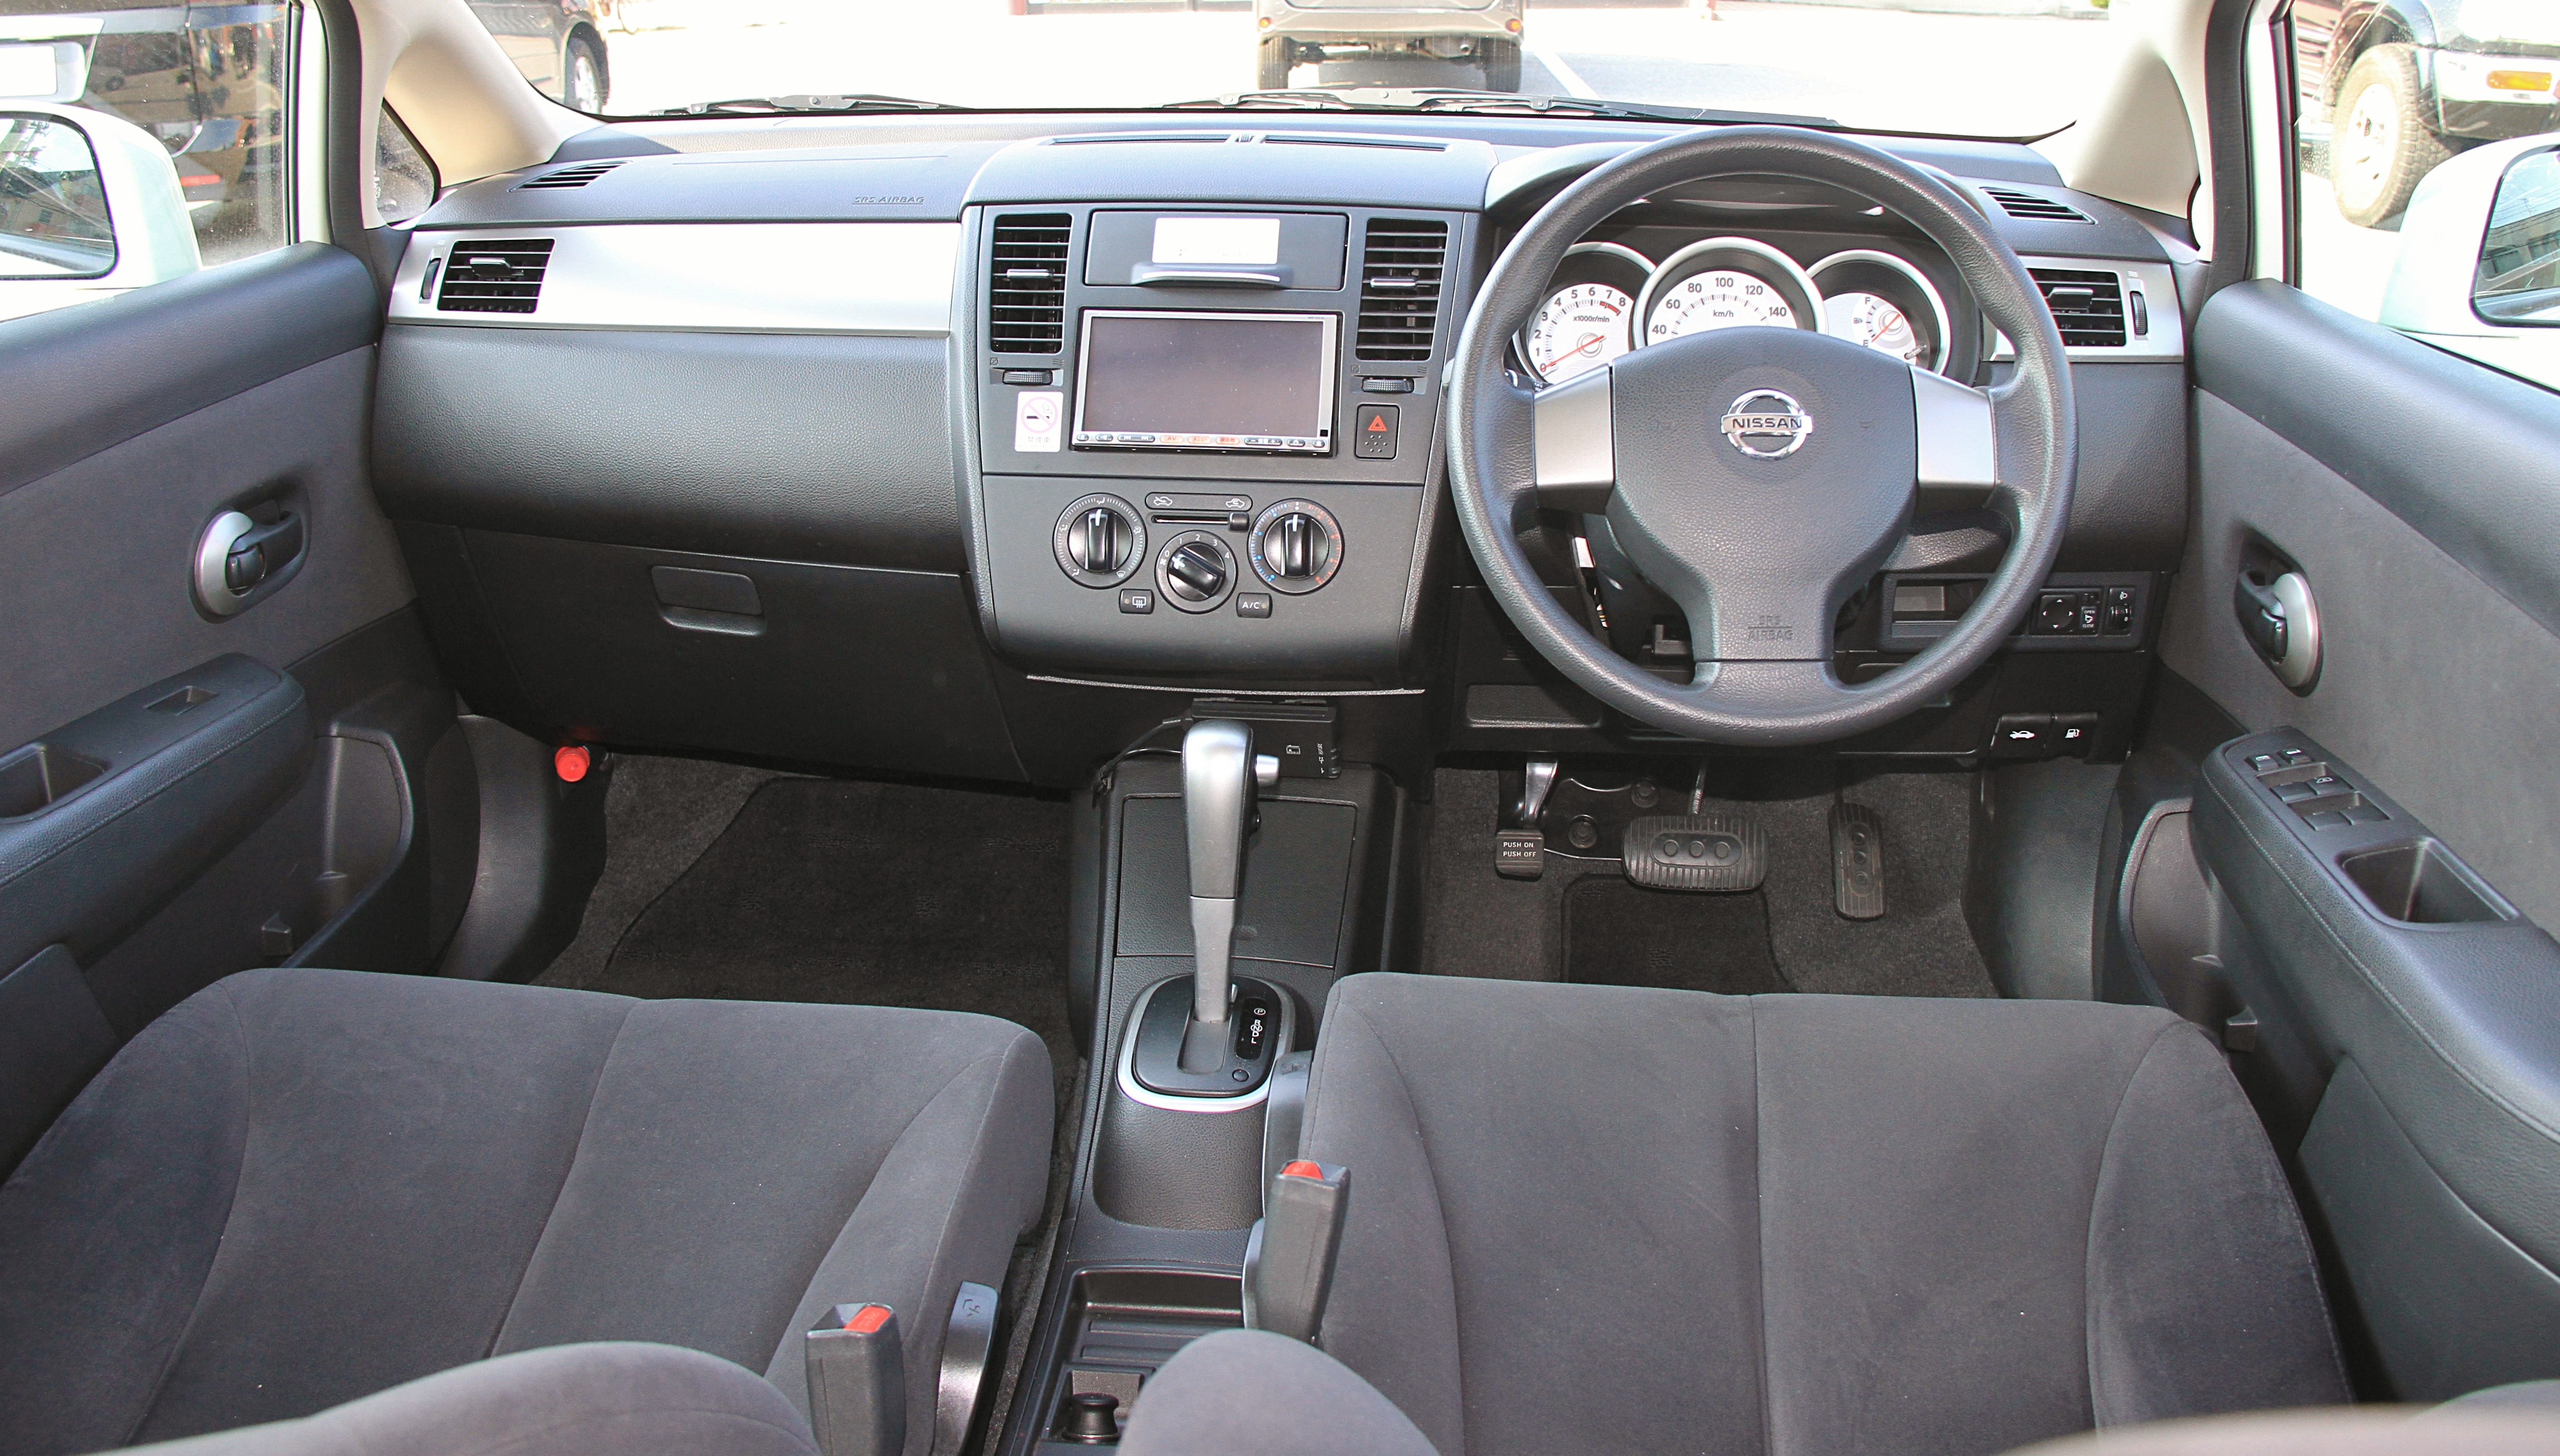 Nissan Tiida I 2004 - 2012 Hatchback 5 door #3